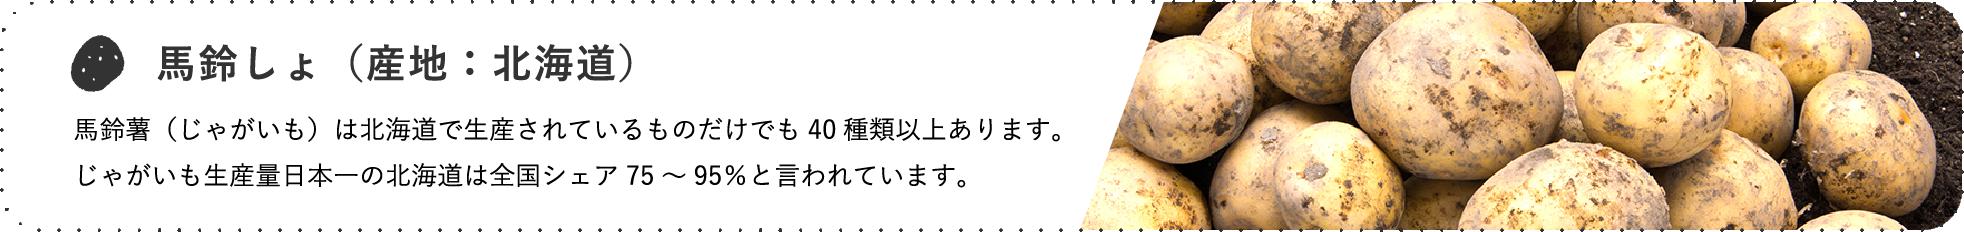 馬鈴しょ(産地:北海道) / 馬鈴薯(じゃがいも)は北海道で生産されているものだけでも40種類以上あります。じゃがいも生産量日本一の北海道は全国シェア75~95%と言われています。